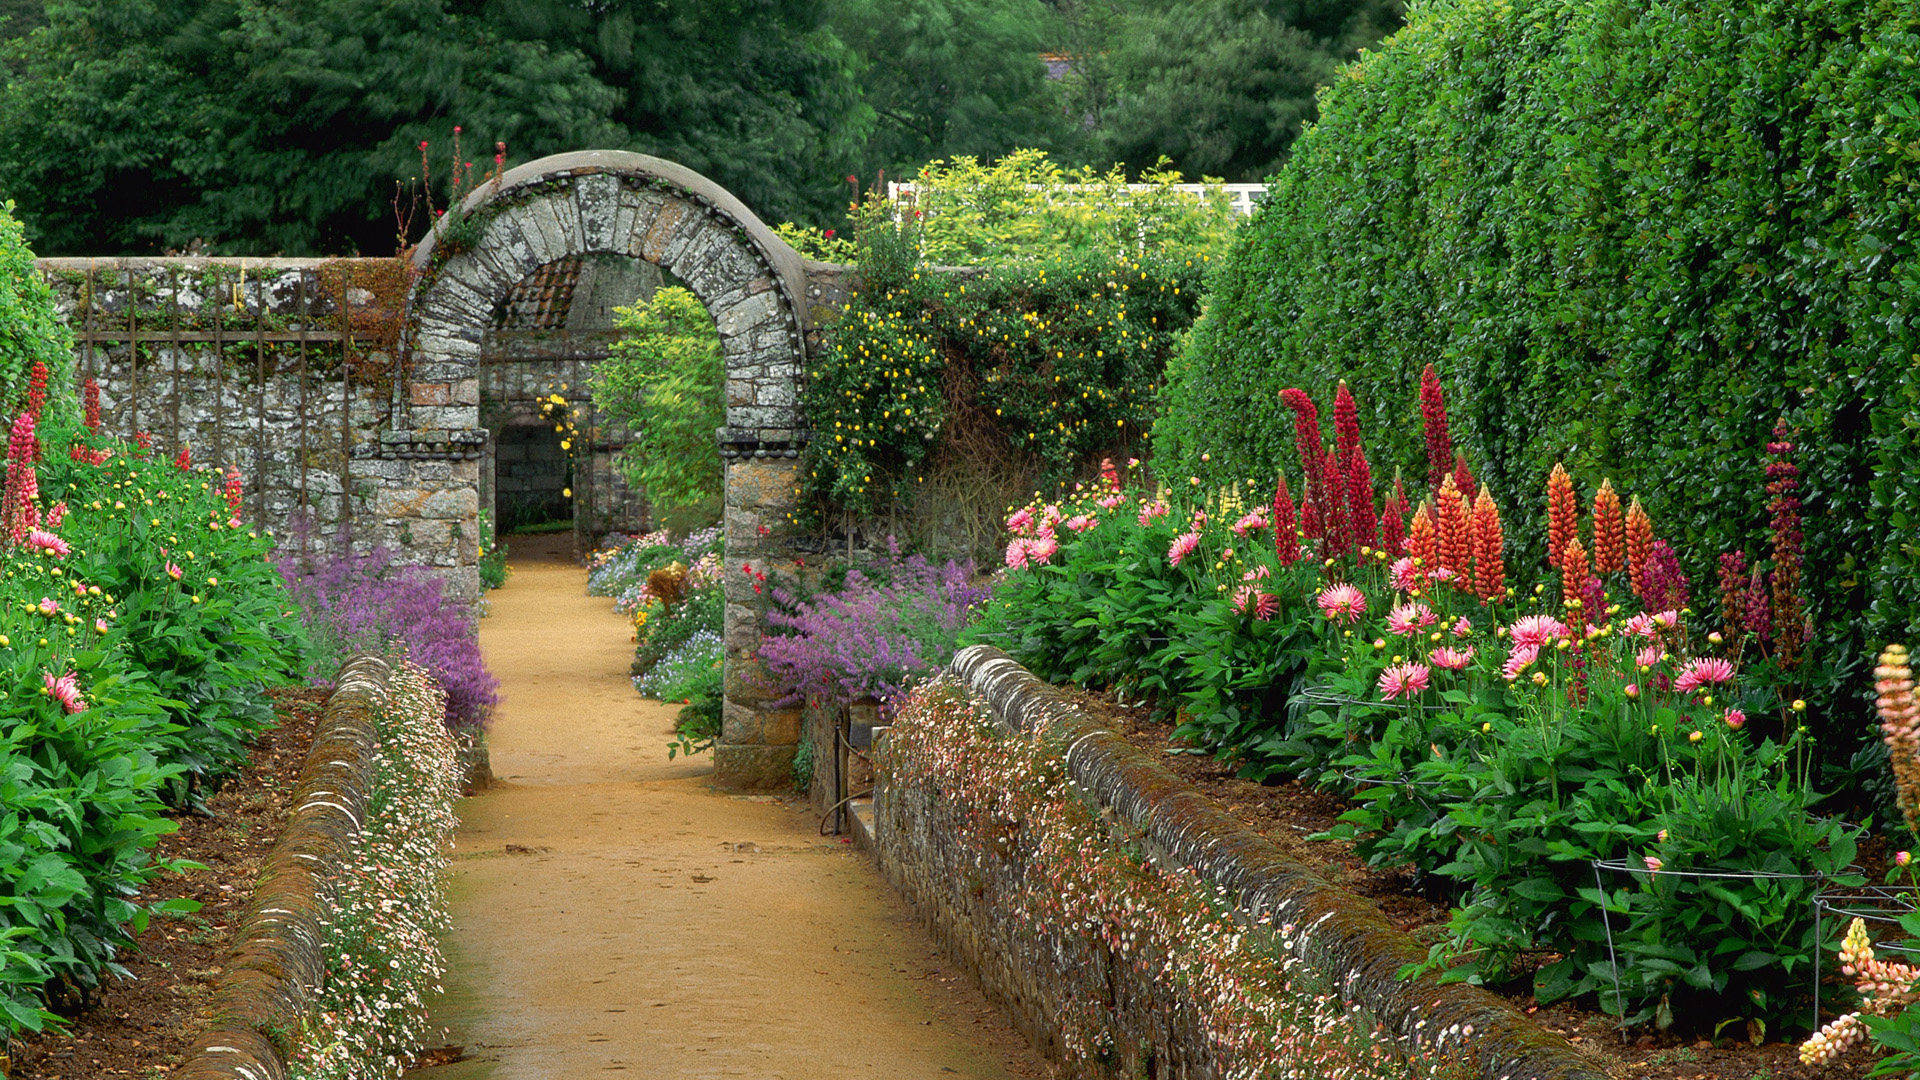 цветы аллея ступеньки flowers alley steps загрузить